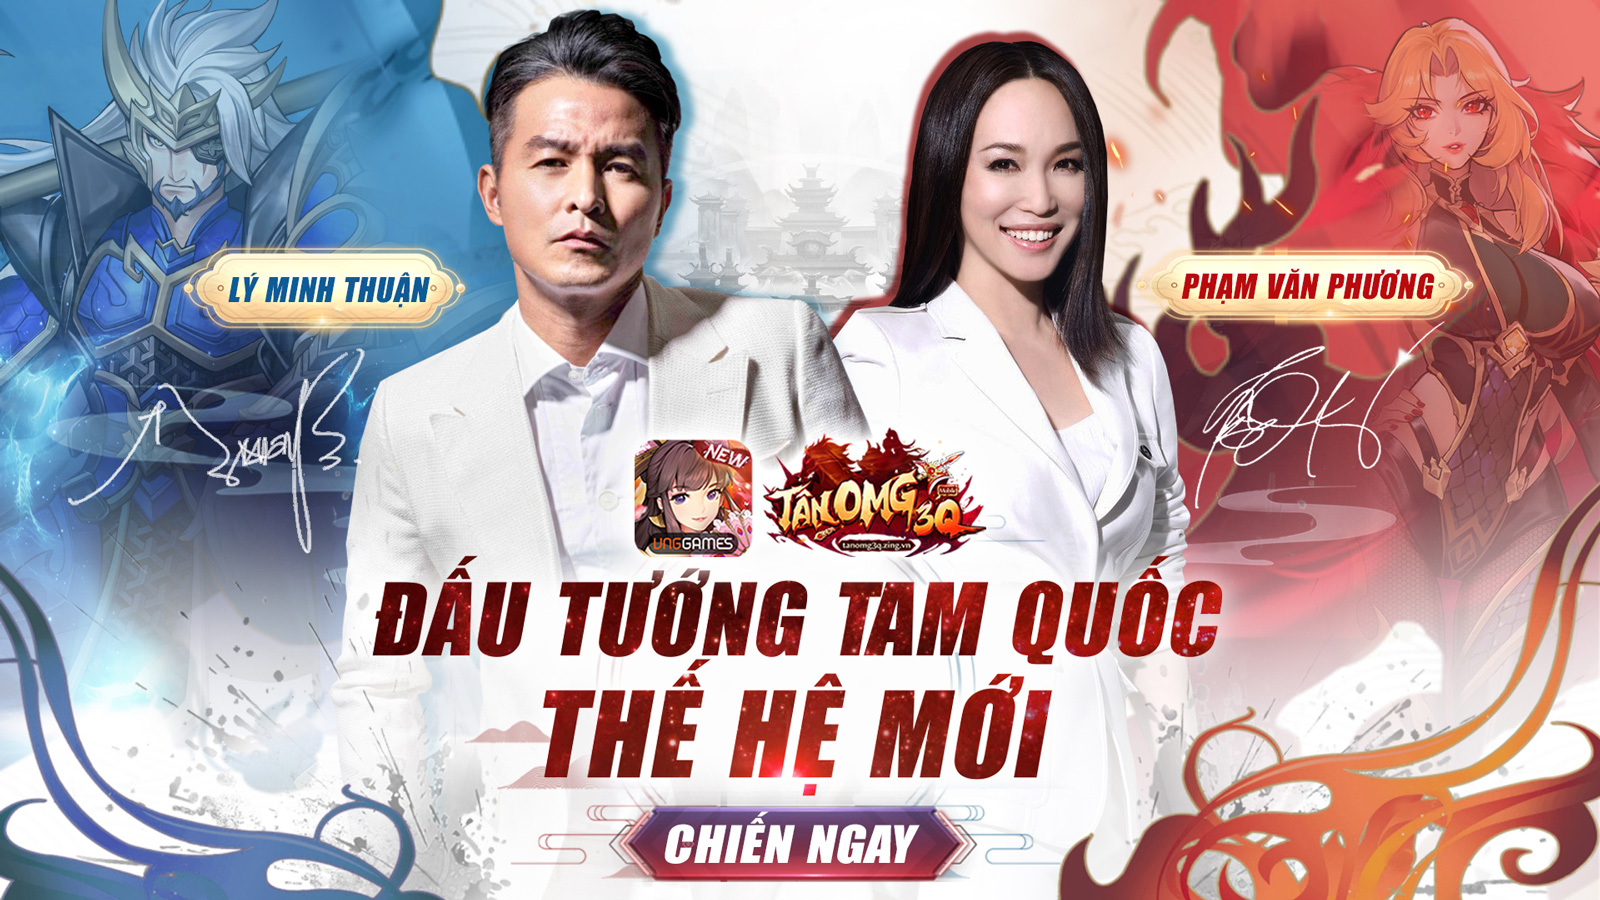 NÓNG: Lý Minh Thuận và Phạm Văn Phương là đại sứ cho Tân OMG3Q VNG